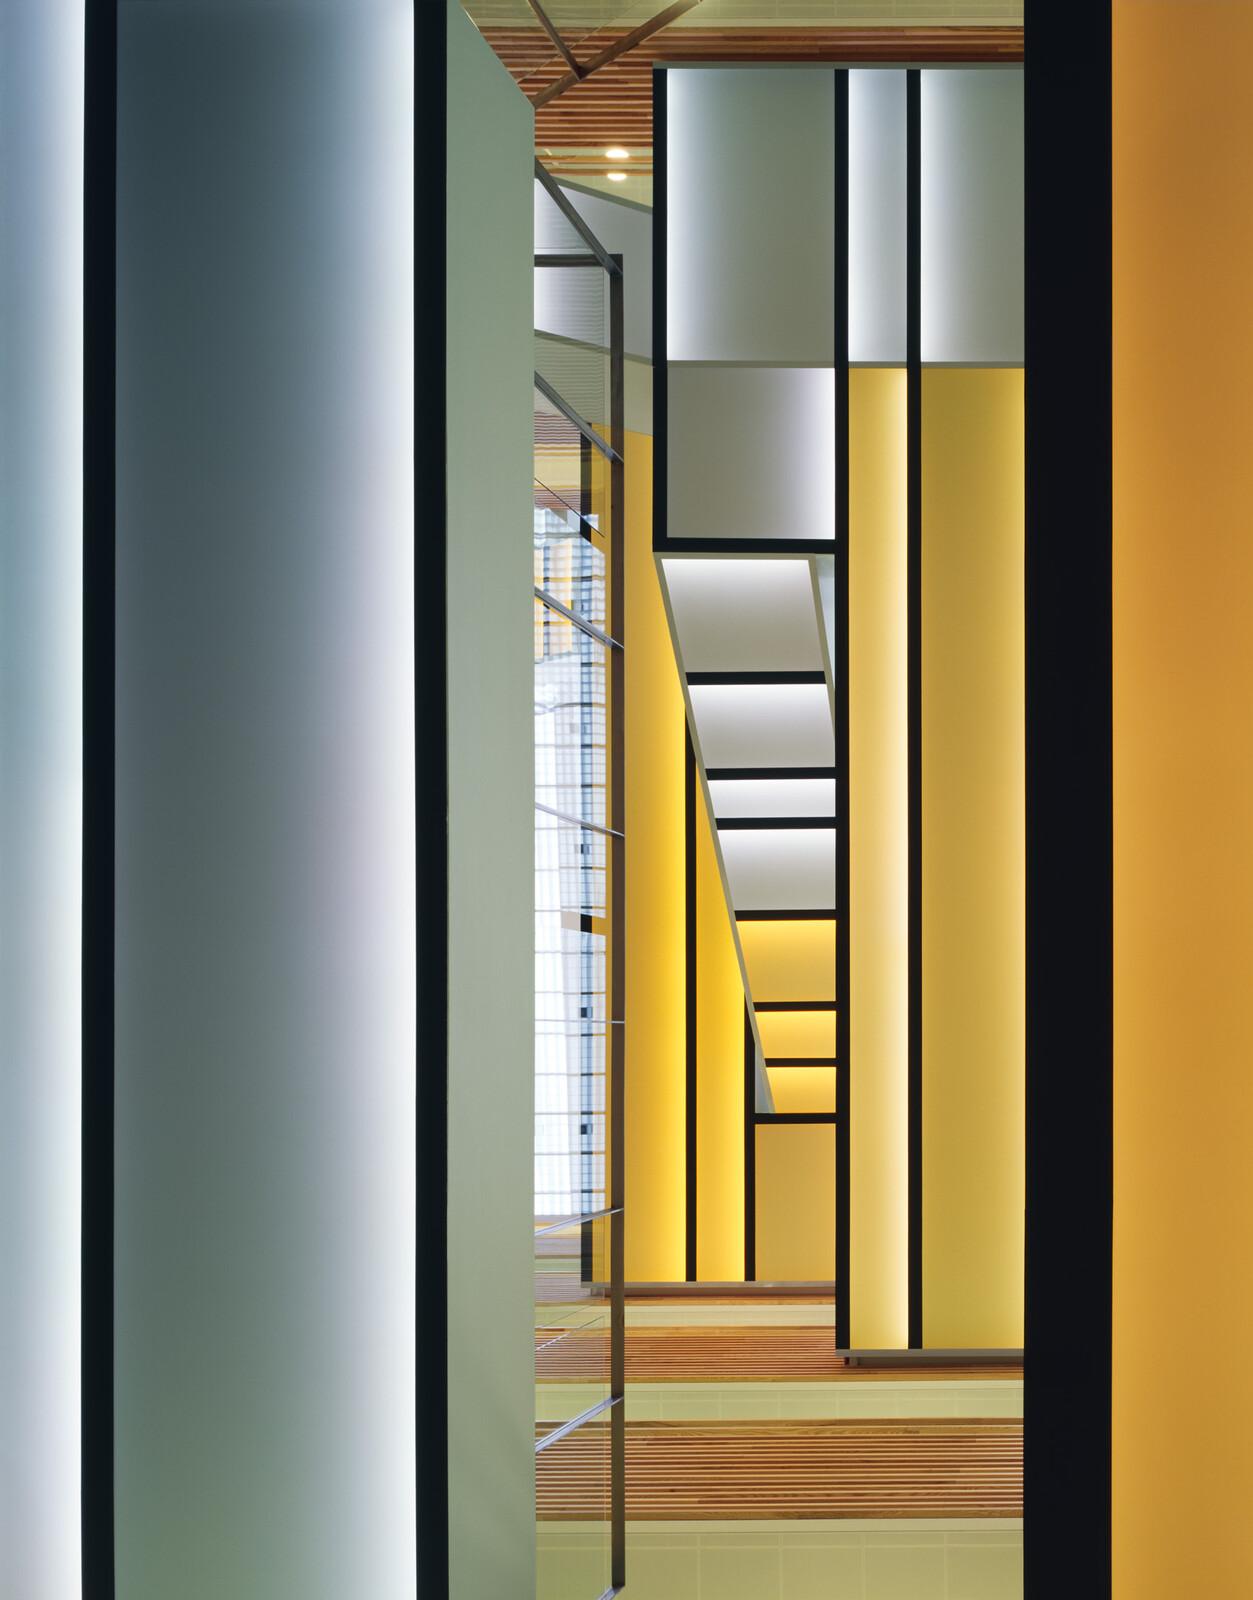 Yellow view - Adam Mørk